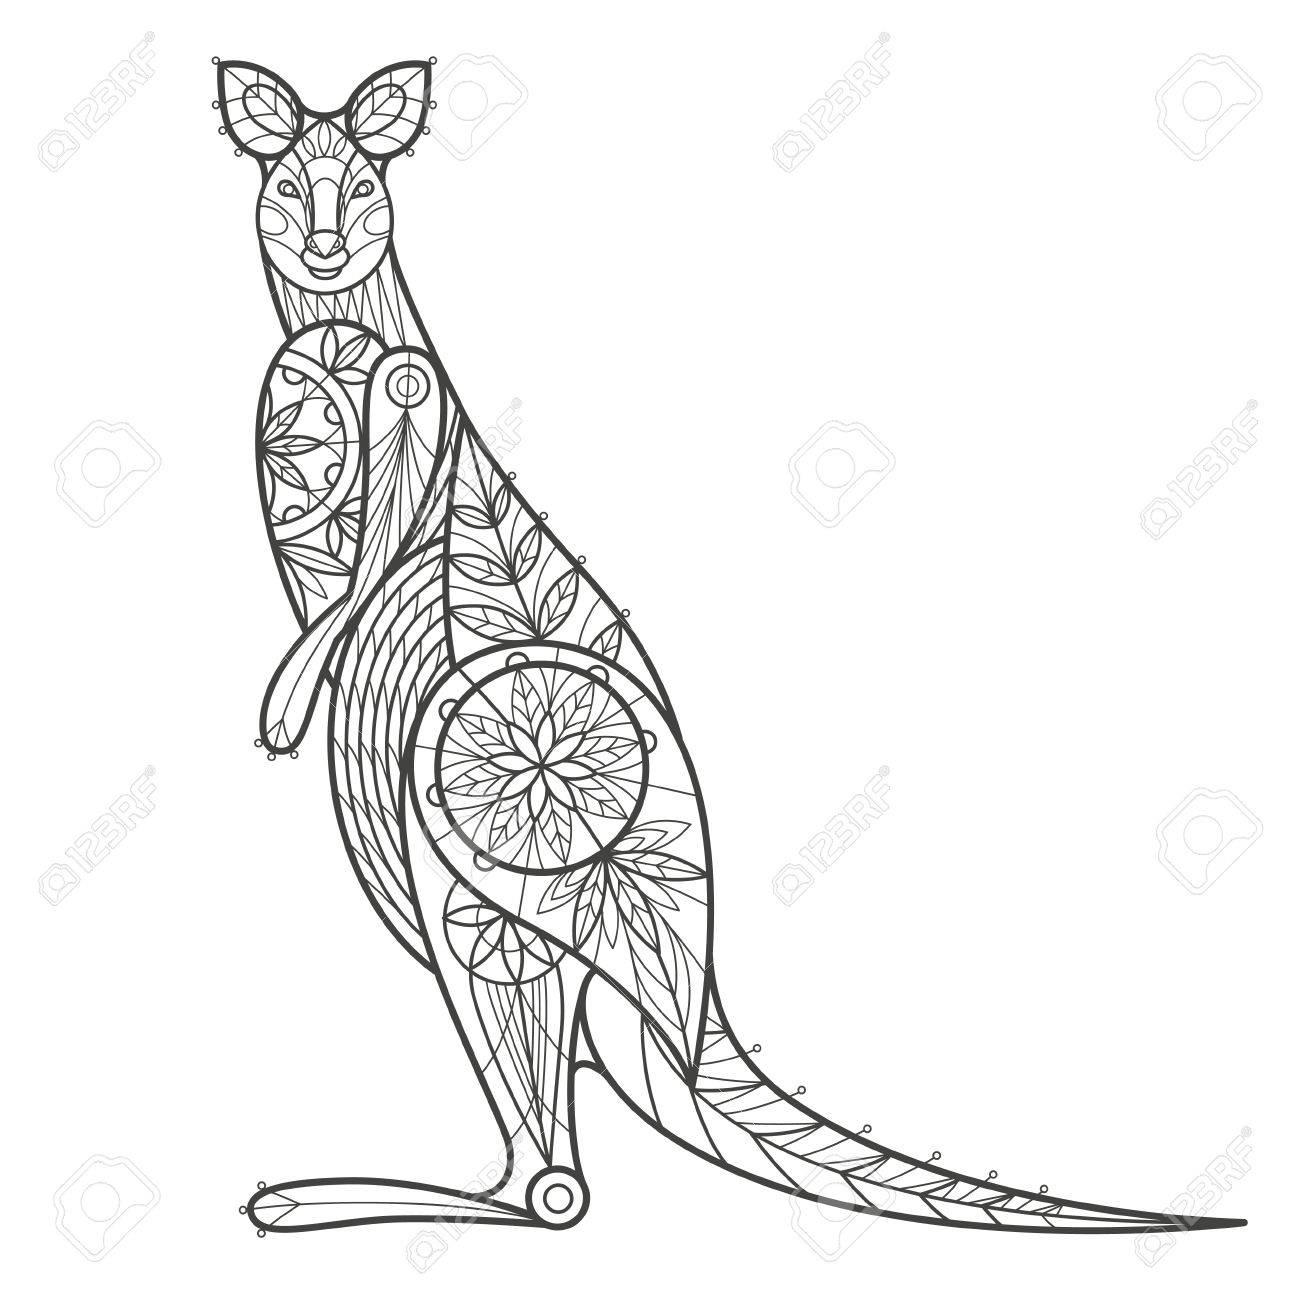 Ausgezeichnet Känguru Anatomie Weiblich Galerie - Anatomie Von ...